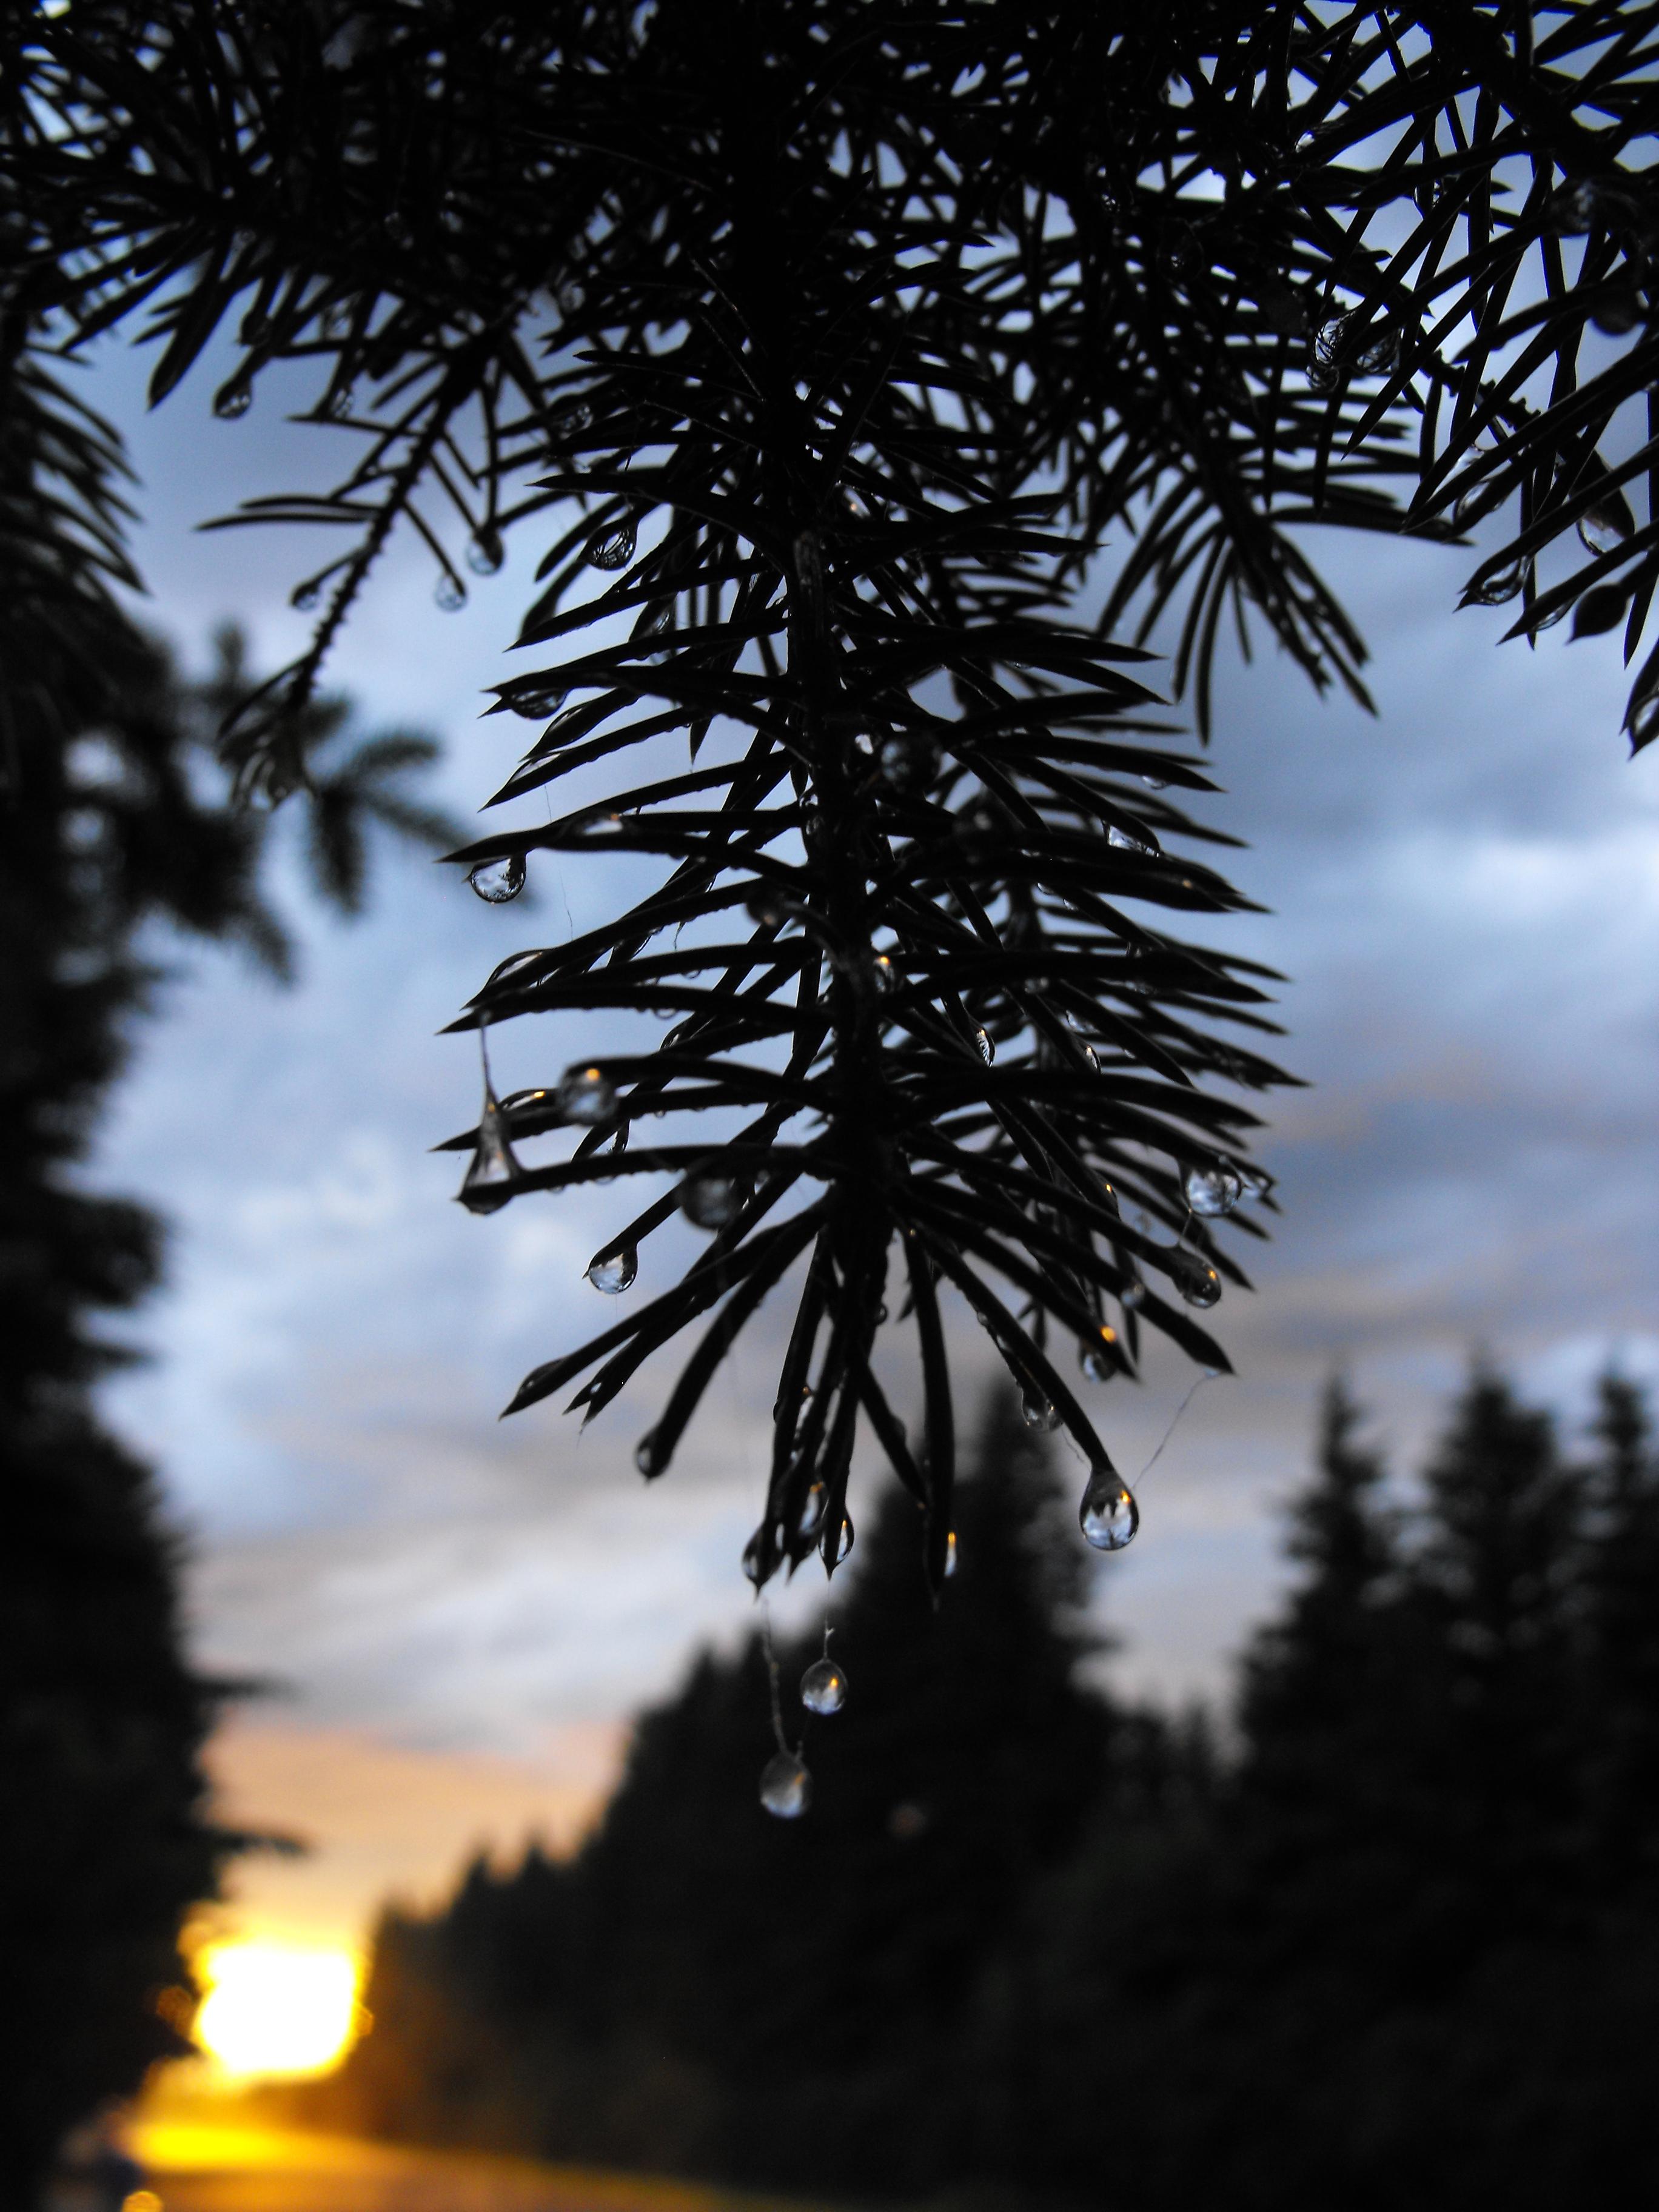 Woods at dusk photo